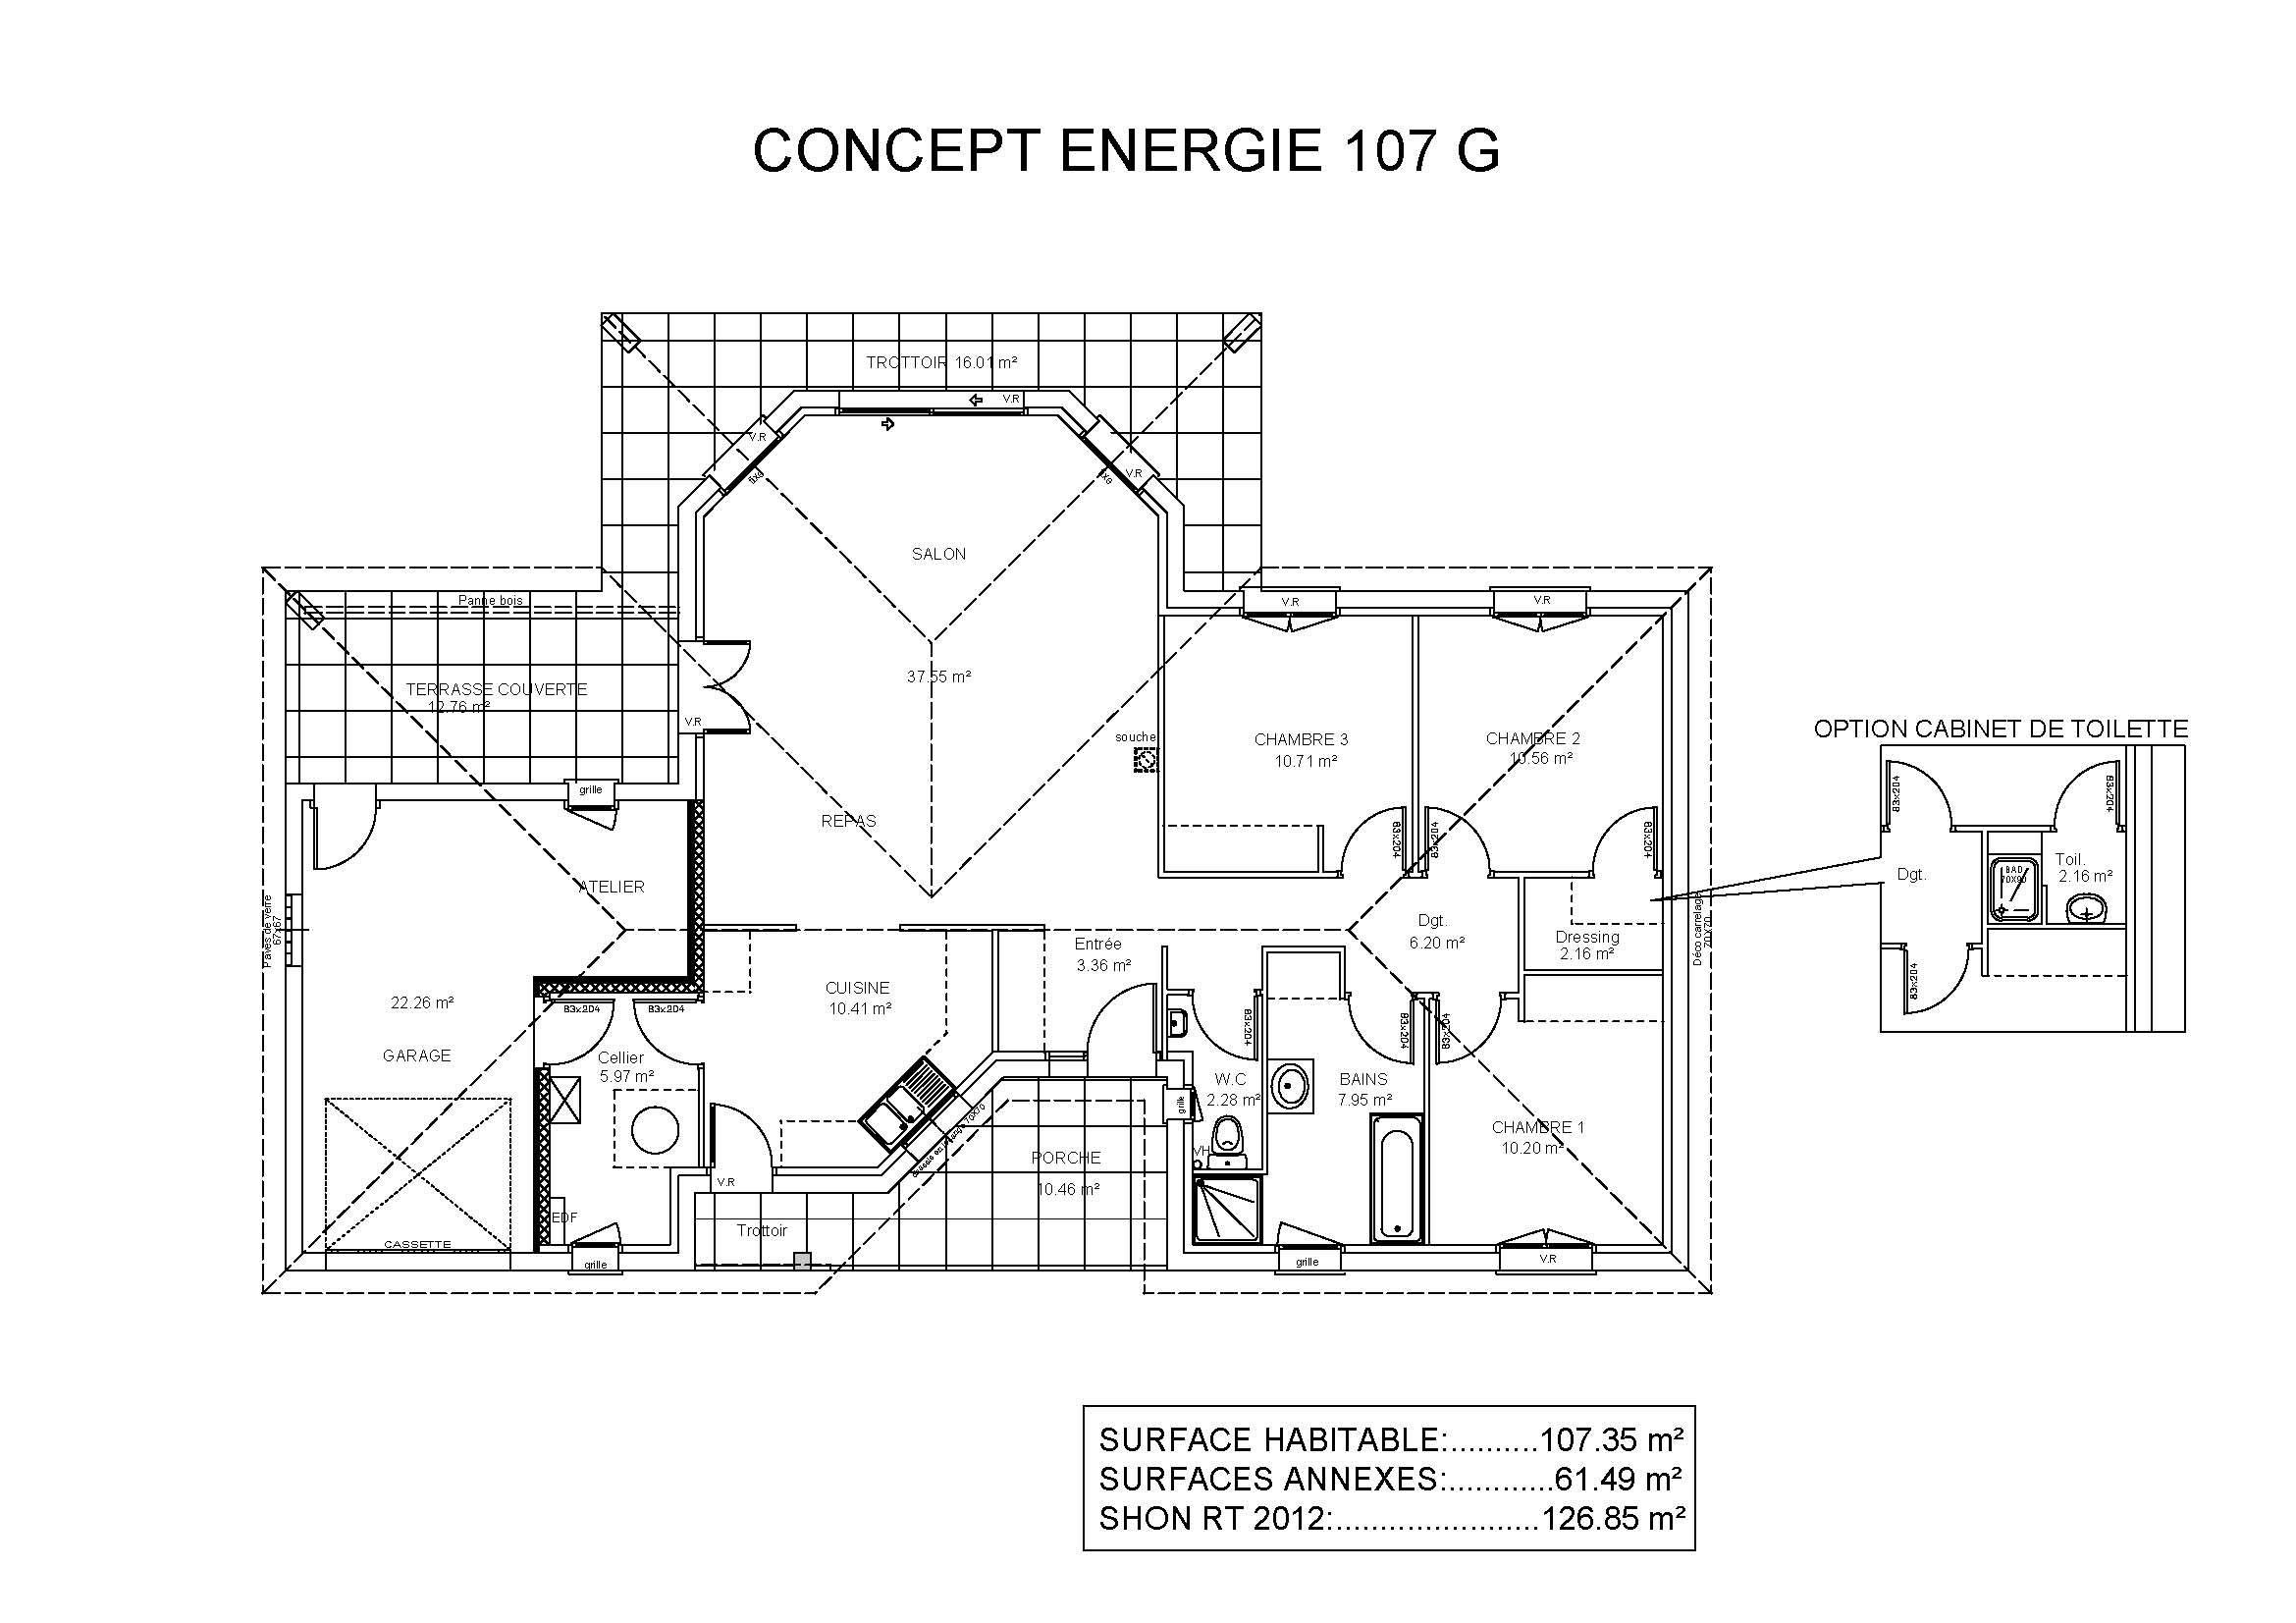 Modèles Et Plans De Maisons U003e Modèle De Plain Pied Concept Energie.  Constructions Demeures